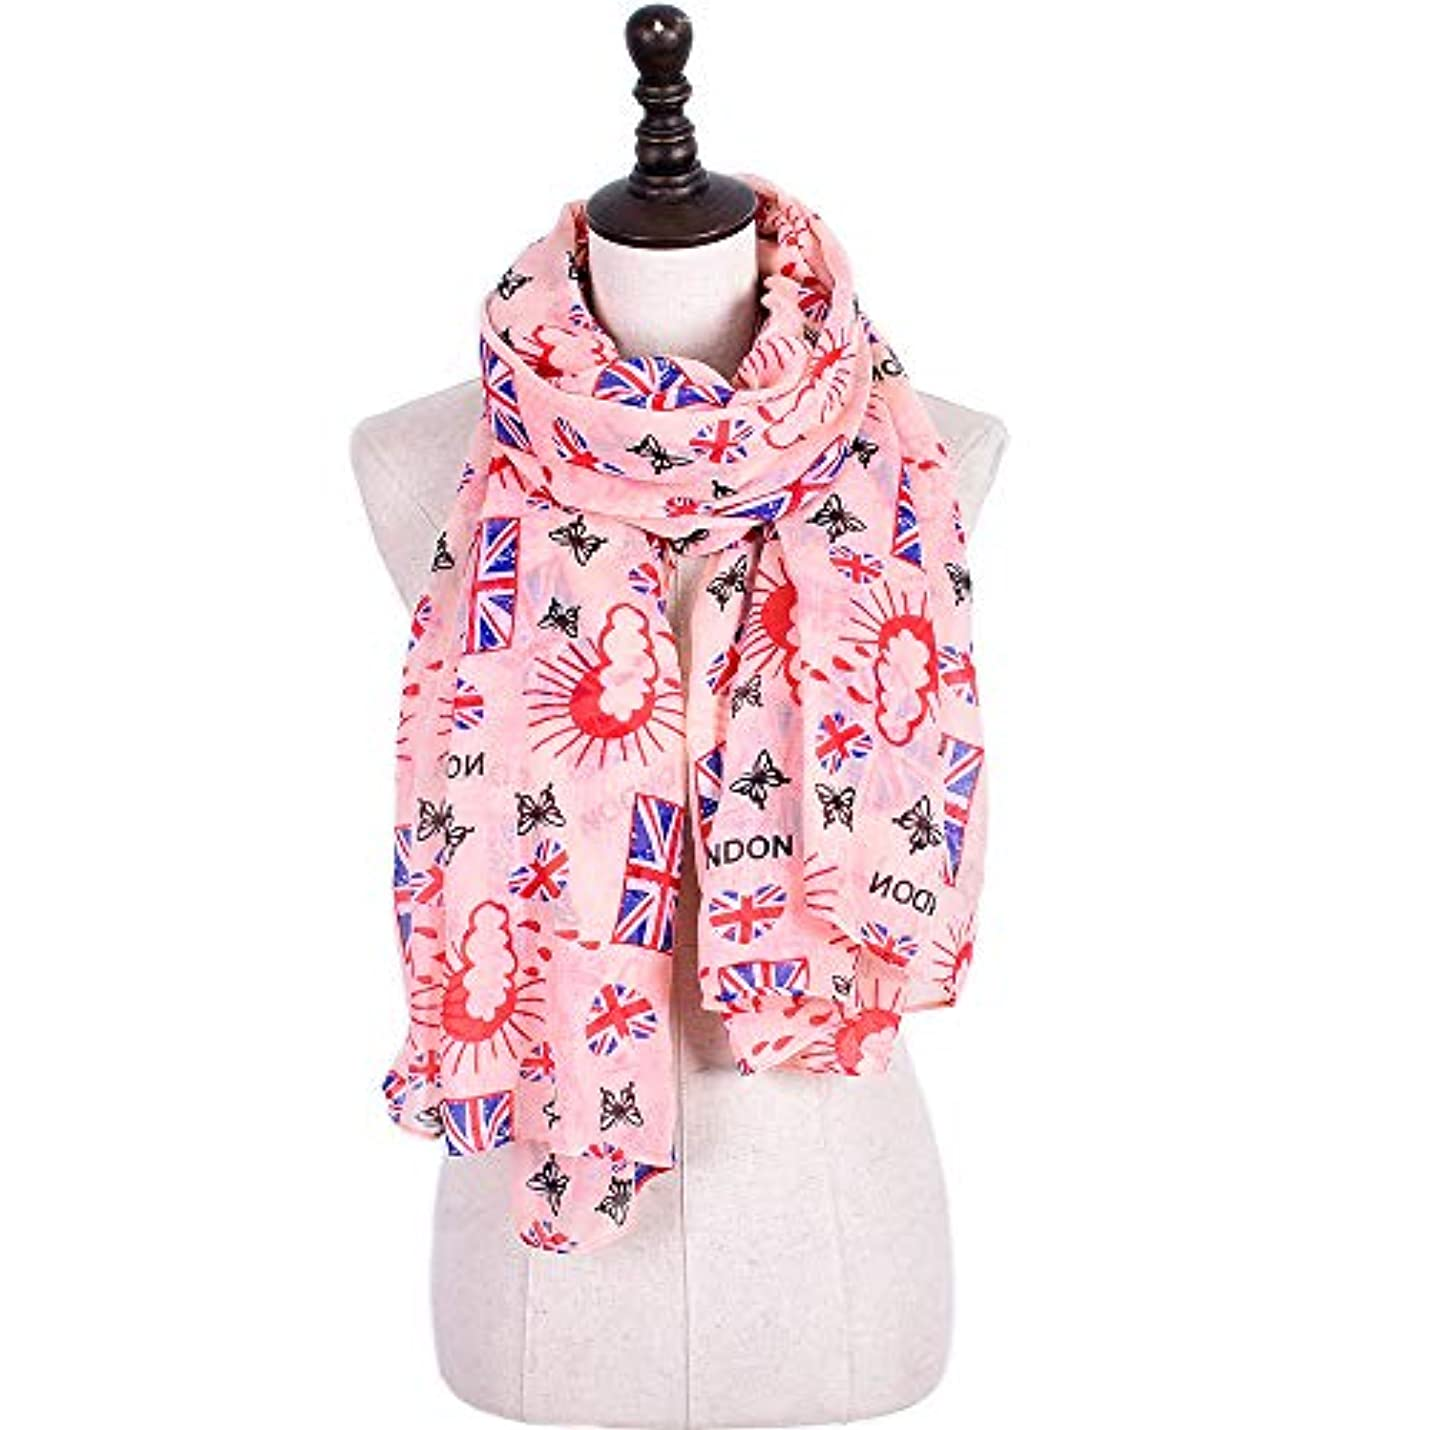 危機指フィードXZP ファッションクラシック英国の旗プリントスカーフVoileクラウド飛行機のスカーフ女性のための暖かい休日の外出